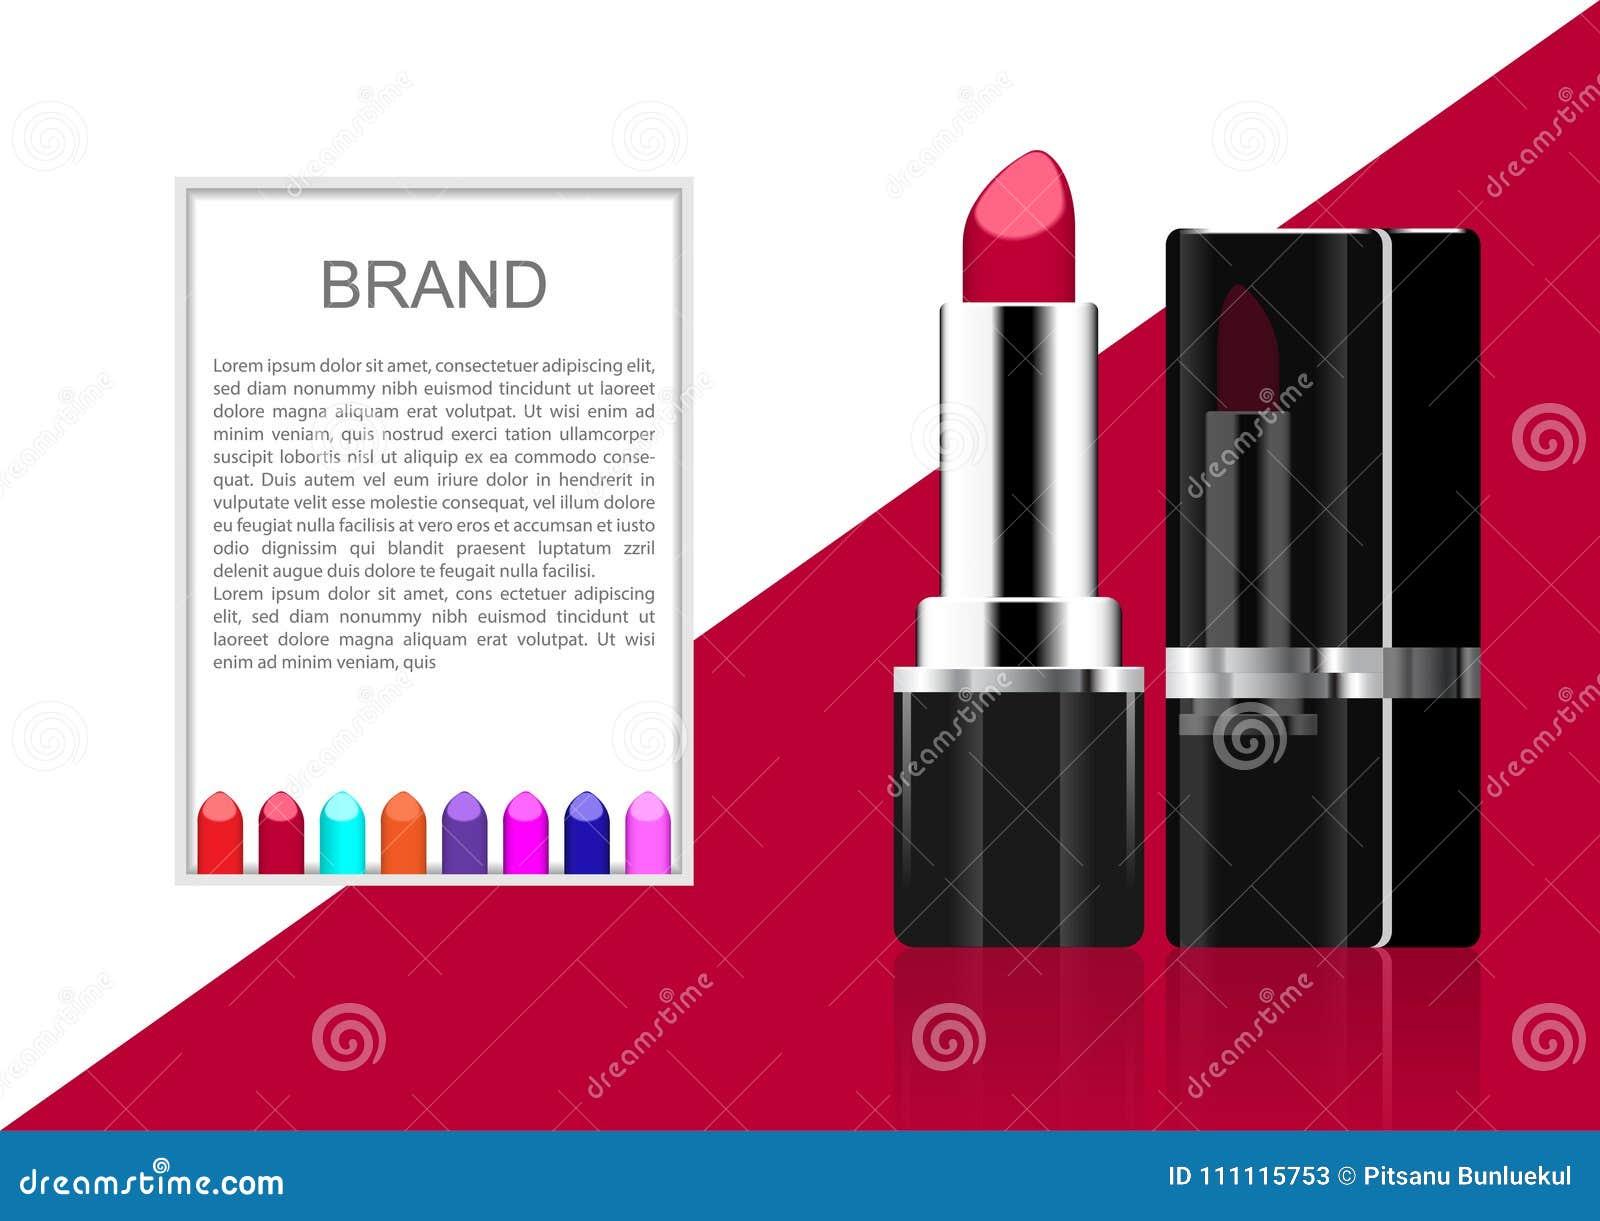 Образцы объявлений о цветах